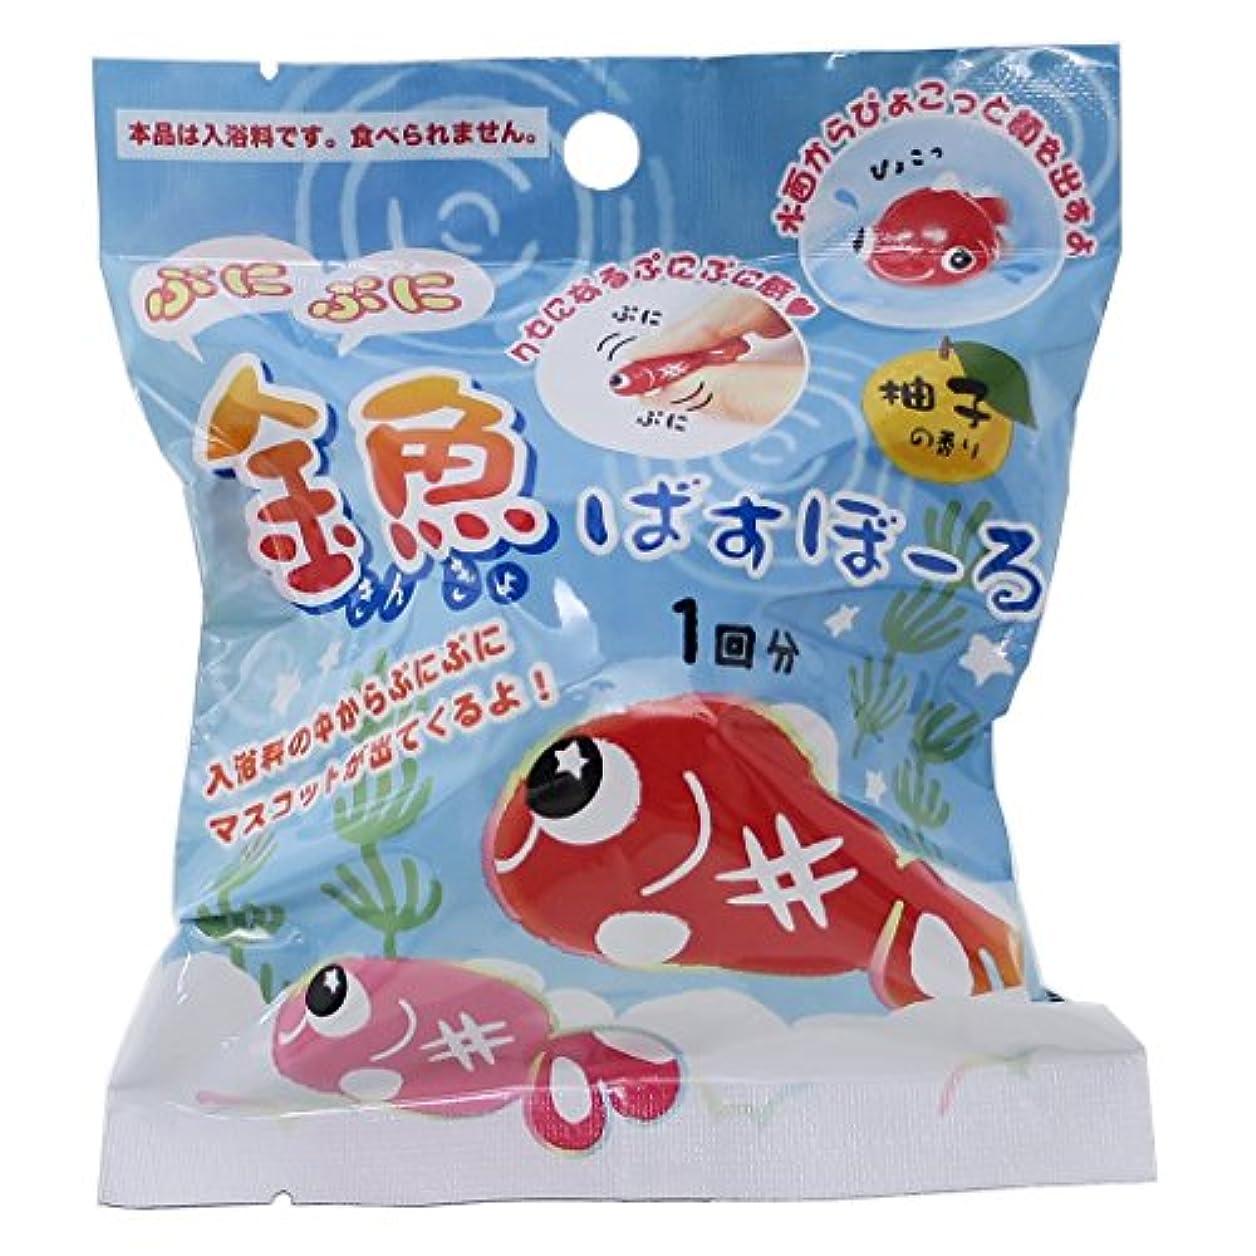 ゼロ難しいコカインぷにぷに金魚バスボール 柚子の香り 80g 1個入